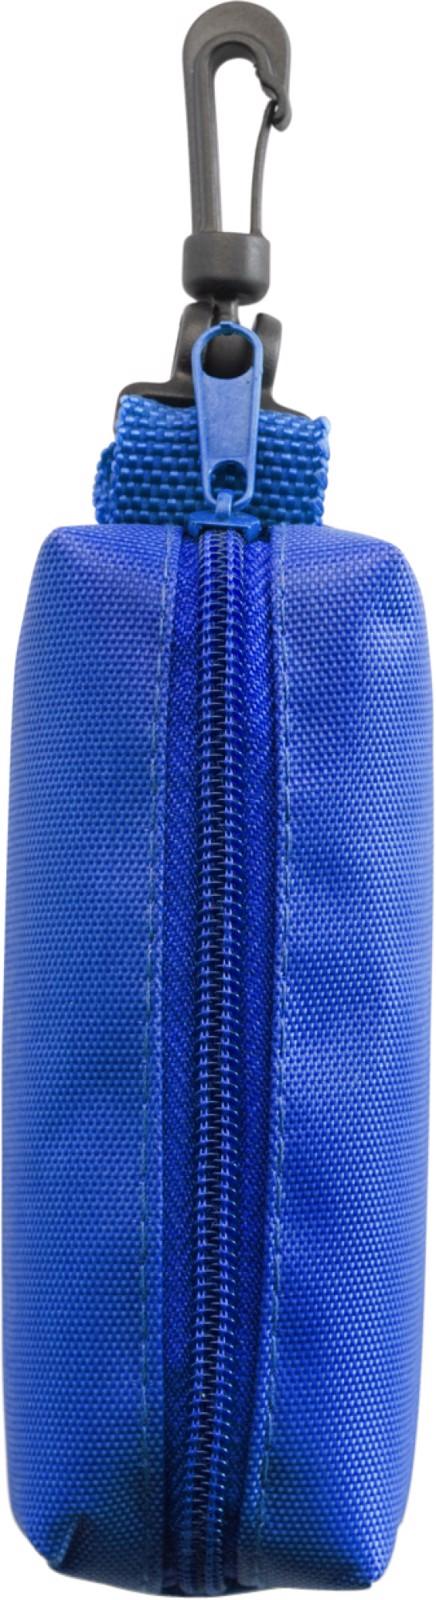 Nylon (420D) pouch with felt tip pens - Blue